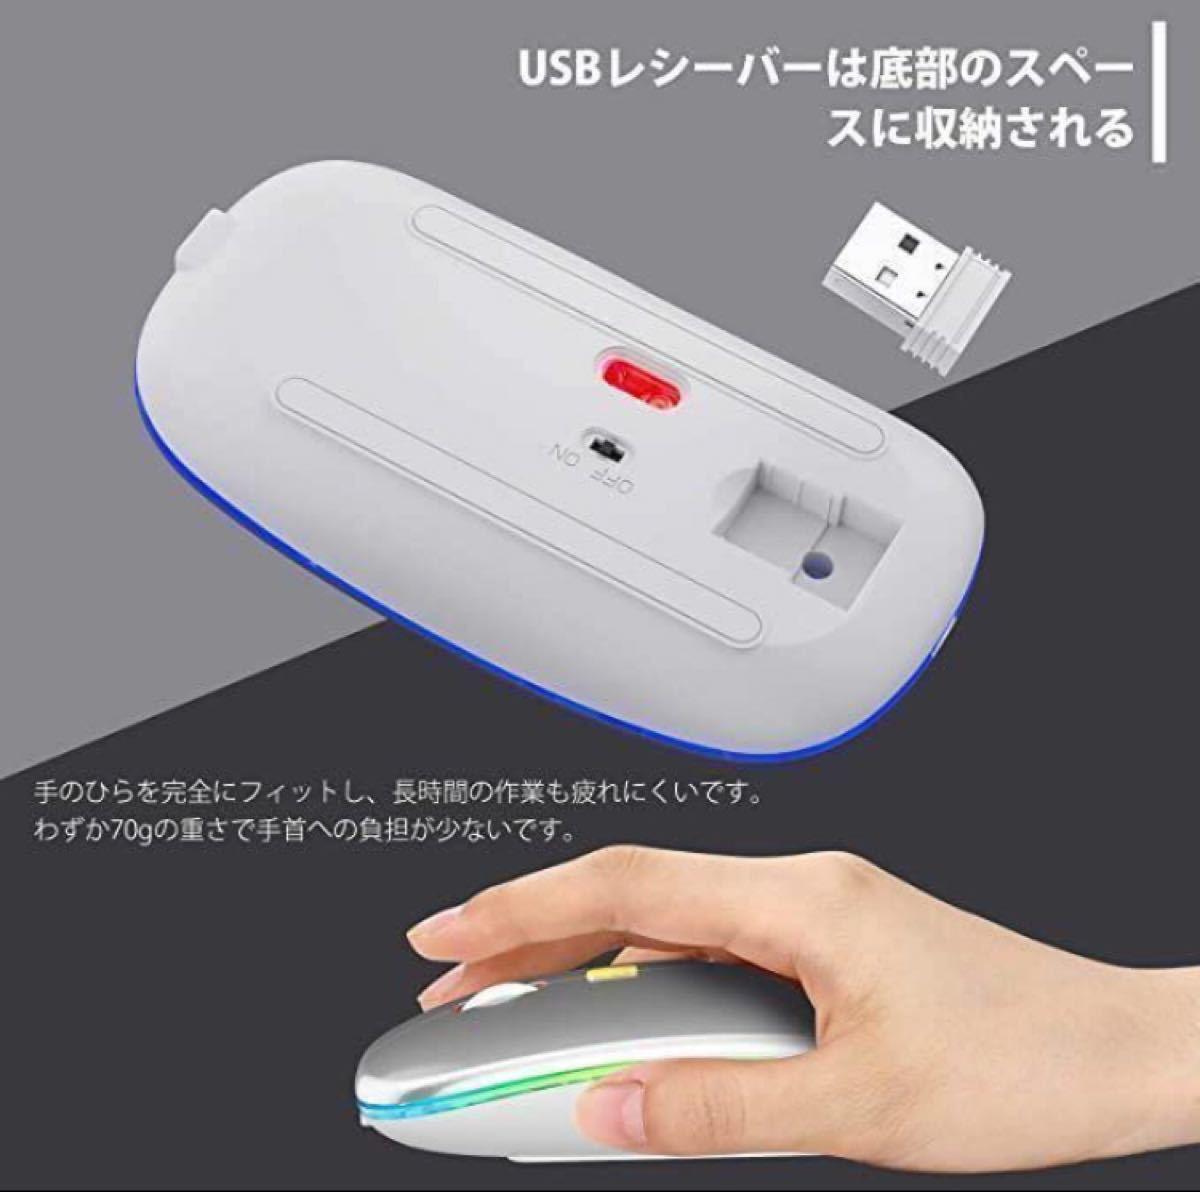 未使用新品 2021 ワイヤレスマウス 無線マウス 2.4GHz 光学式 3DPI 充電式 静音  薄型 LEDライト ブラック